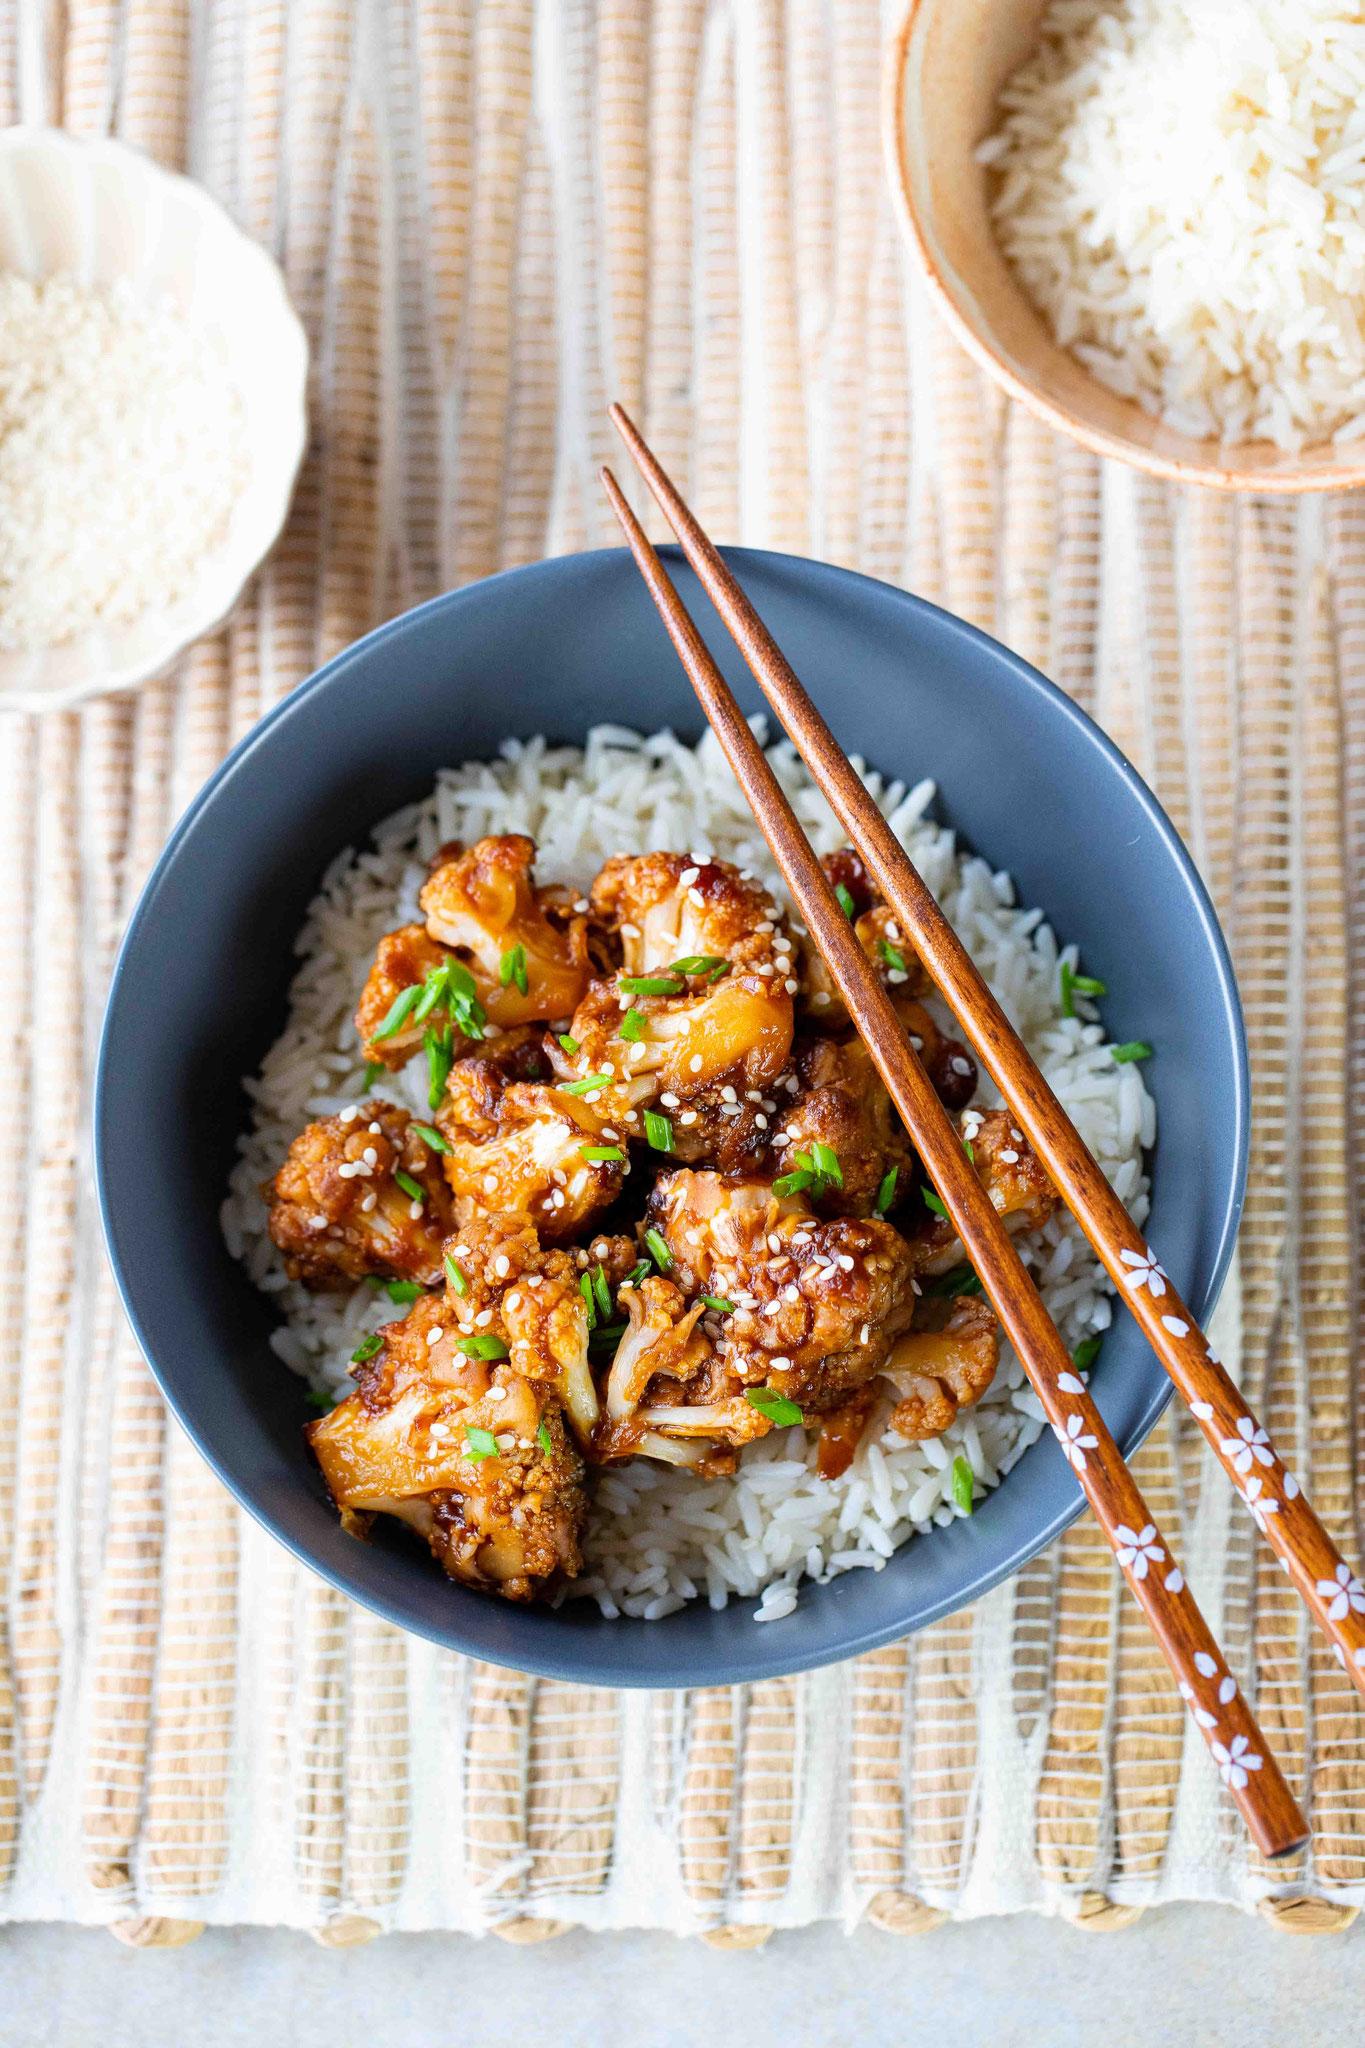 Recette de chou fleur : cuisine chinoise